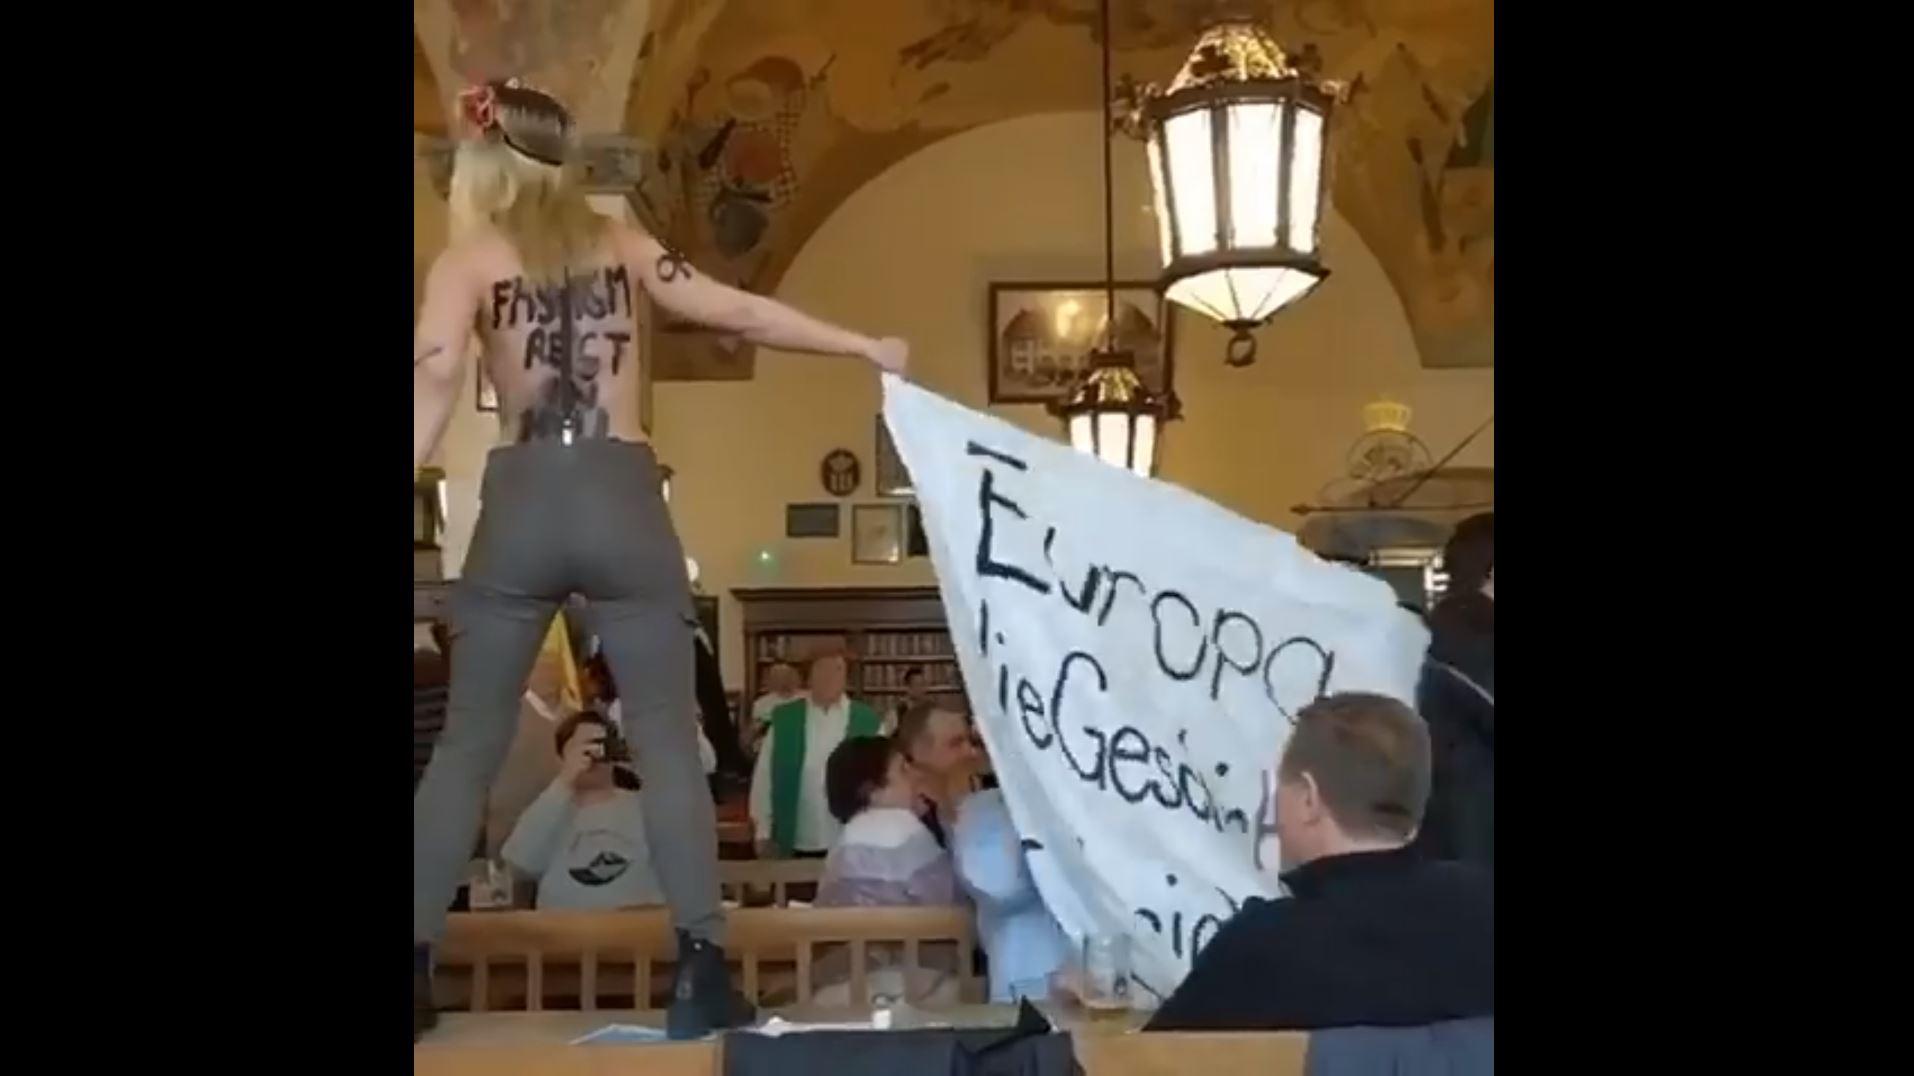 Irres Video: Aktivistinnen mit Hüllenlos-Aktion in legendärem Münchner Traditions-Wirtshaus